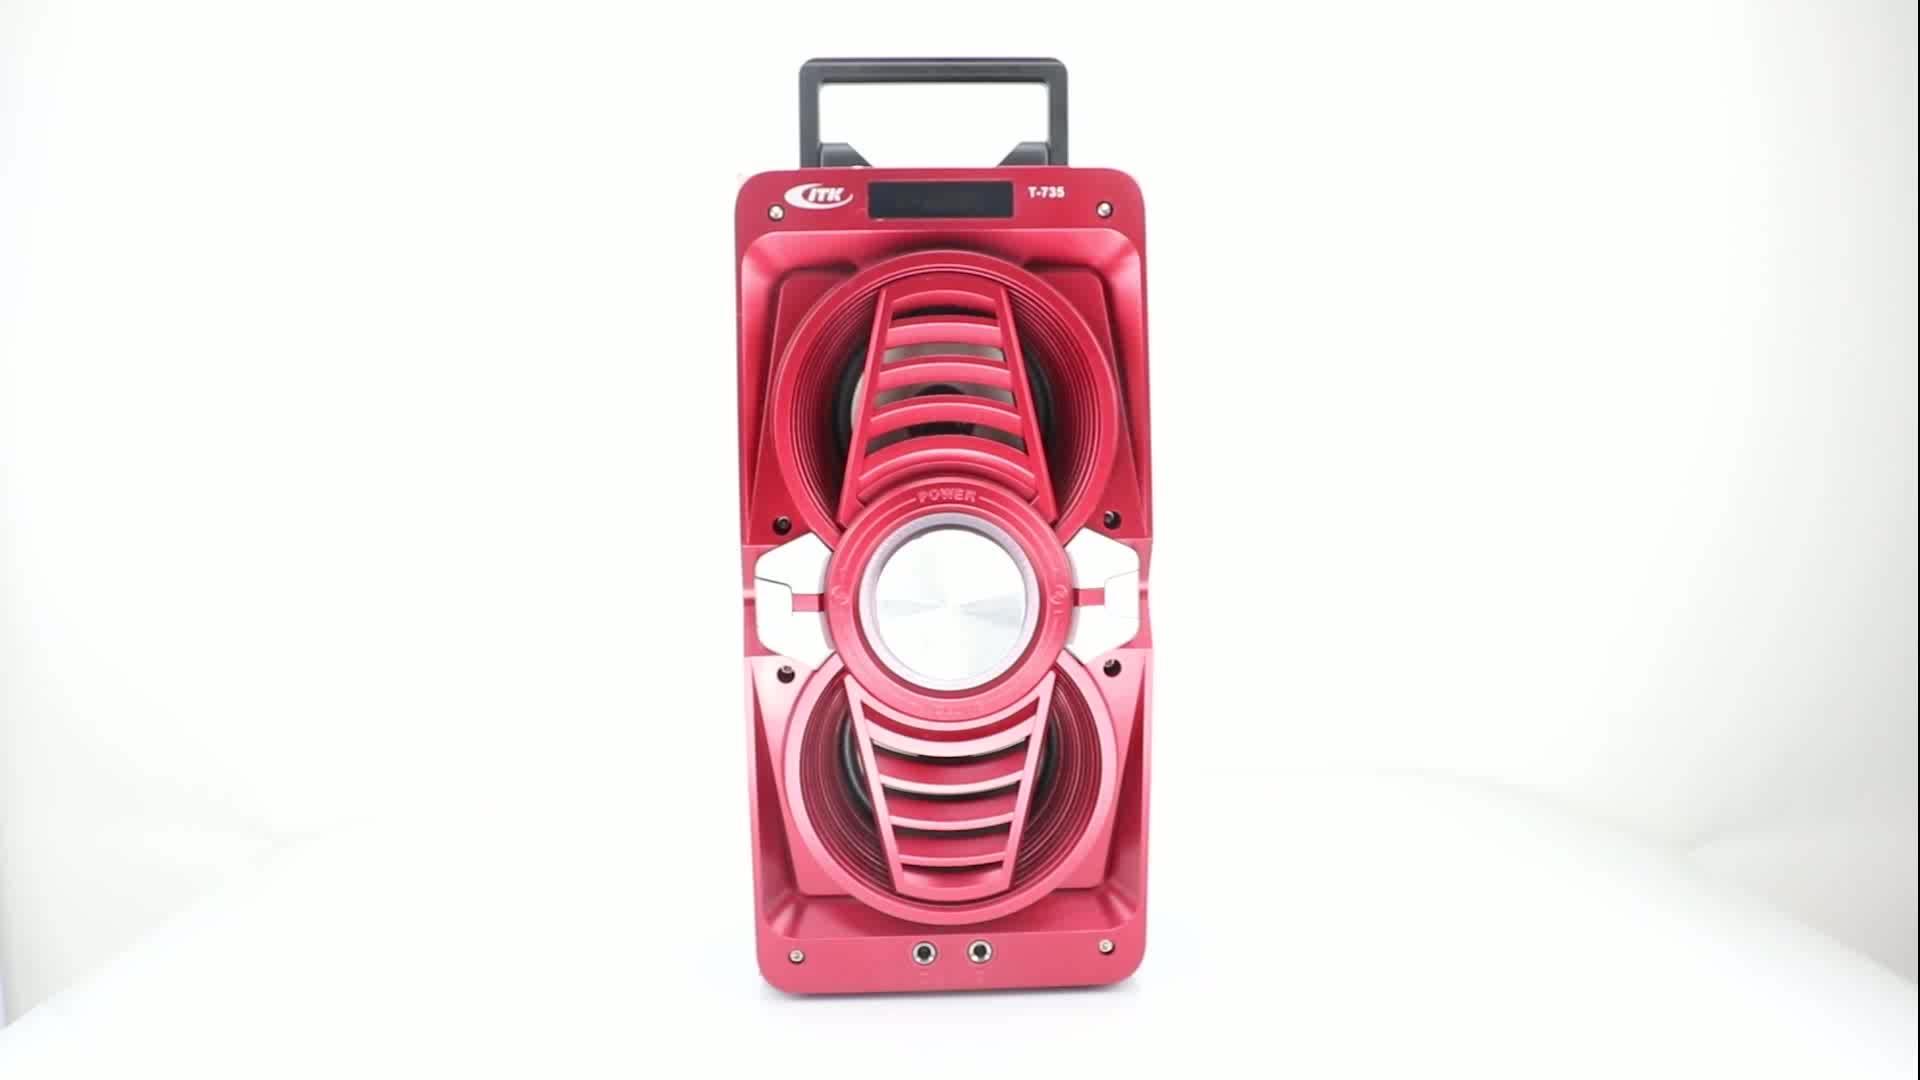 ITK orador peças de reposição de telefone Celular construído em reforçada subwoofer som de boa qualidade mais vendido na Índia Do Sul Americano